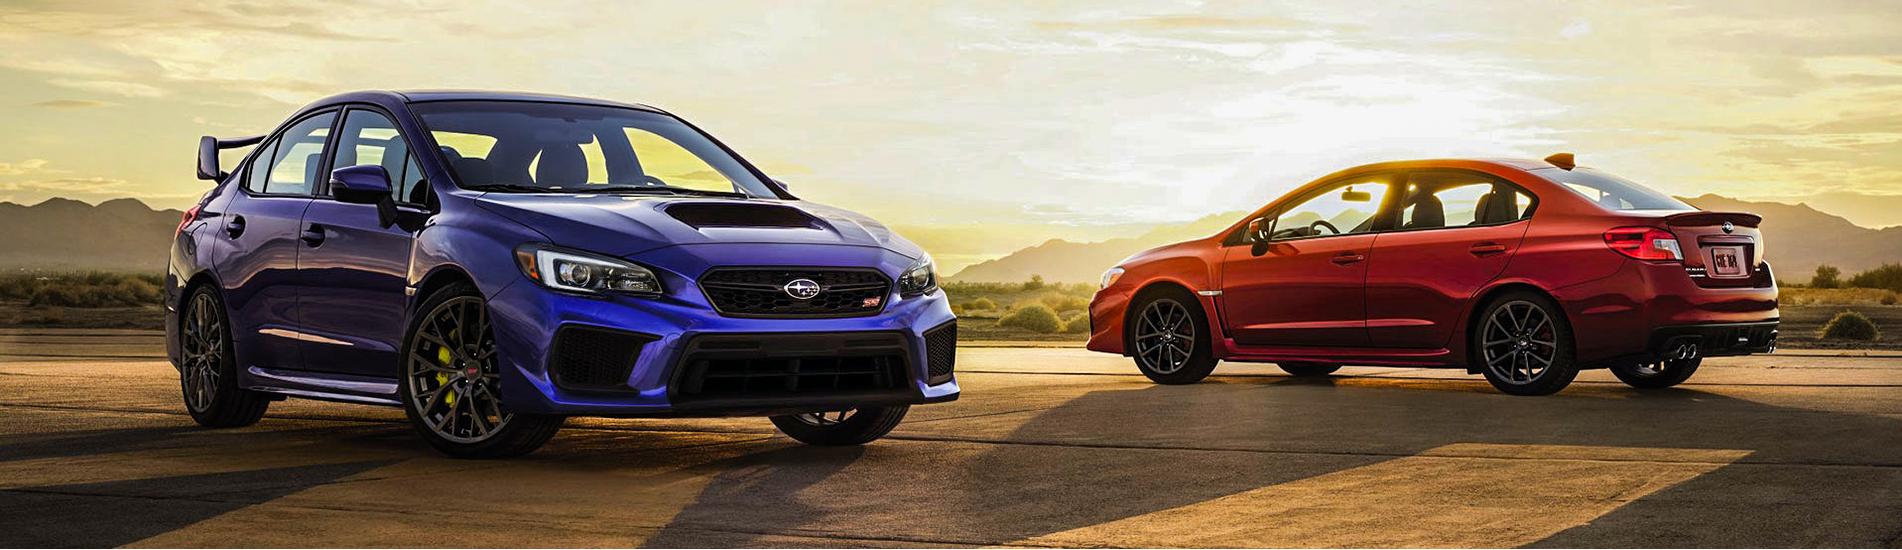 48 All New Subaru Impreza Sti 2019 Speed Test by Subaru Impreza Sti 2019